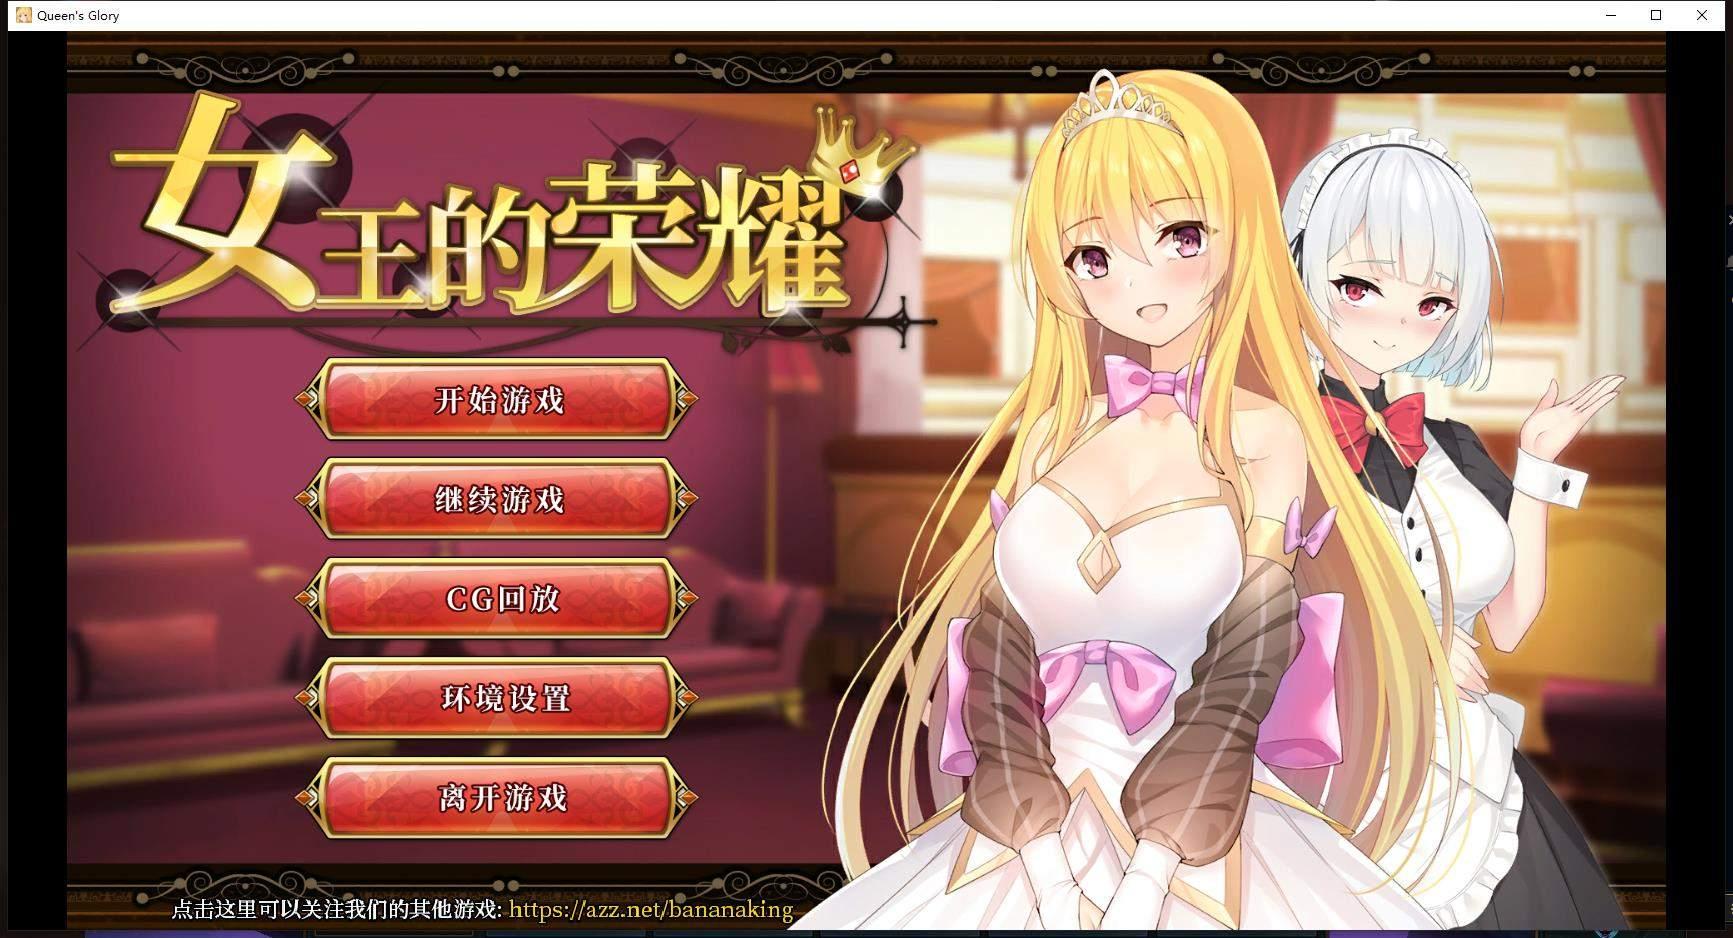 女王的荣耀:真!完整官方中文步兵版